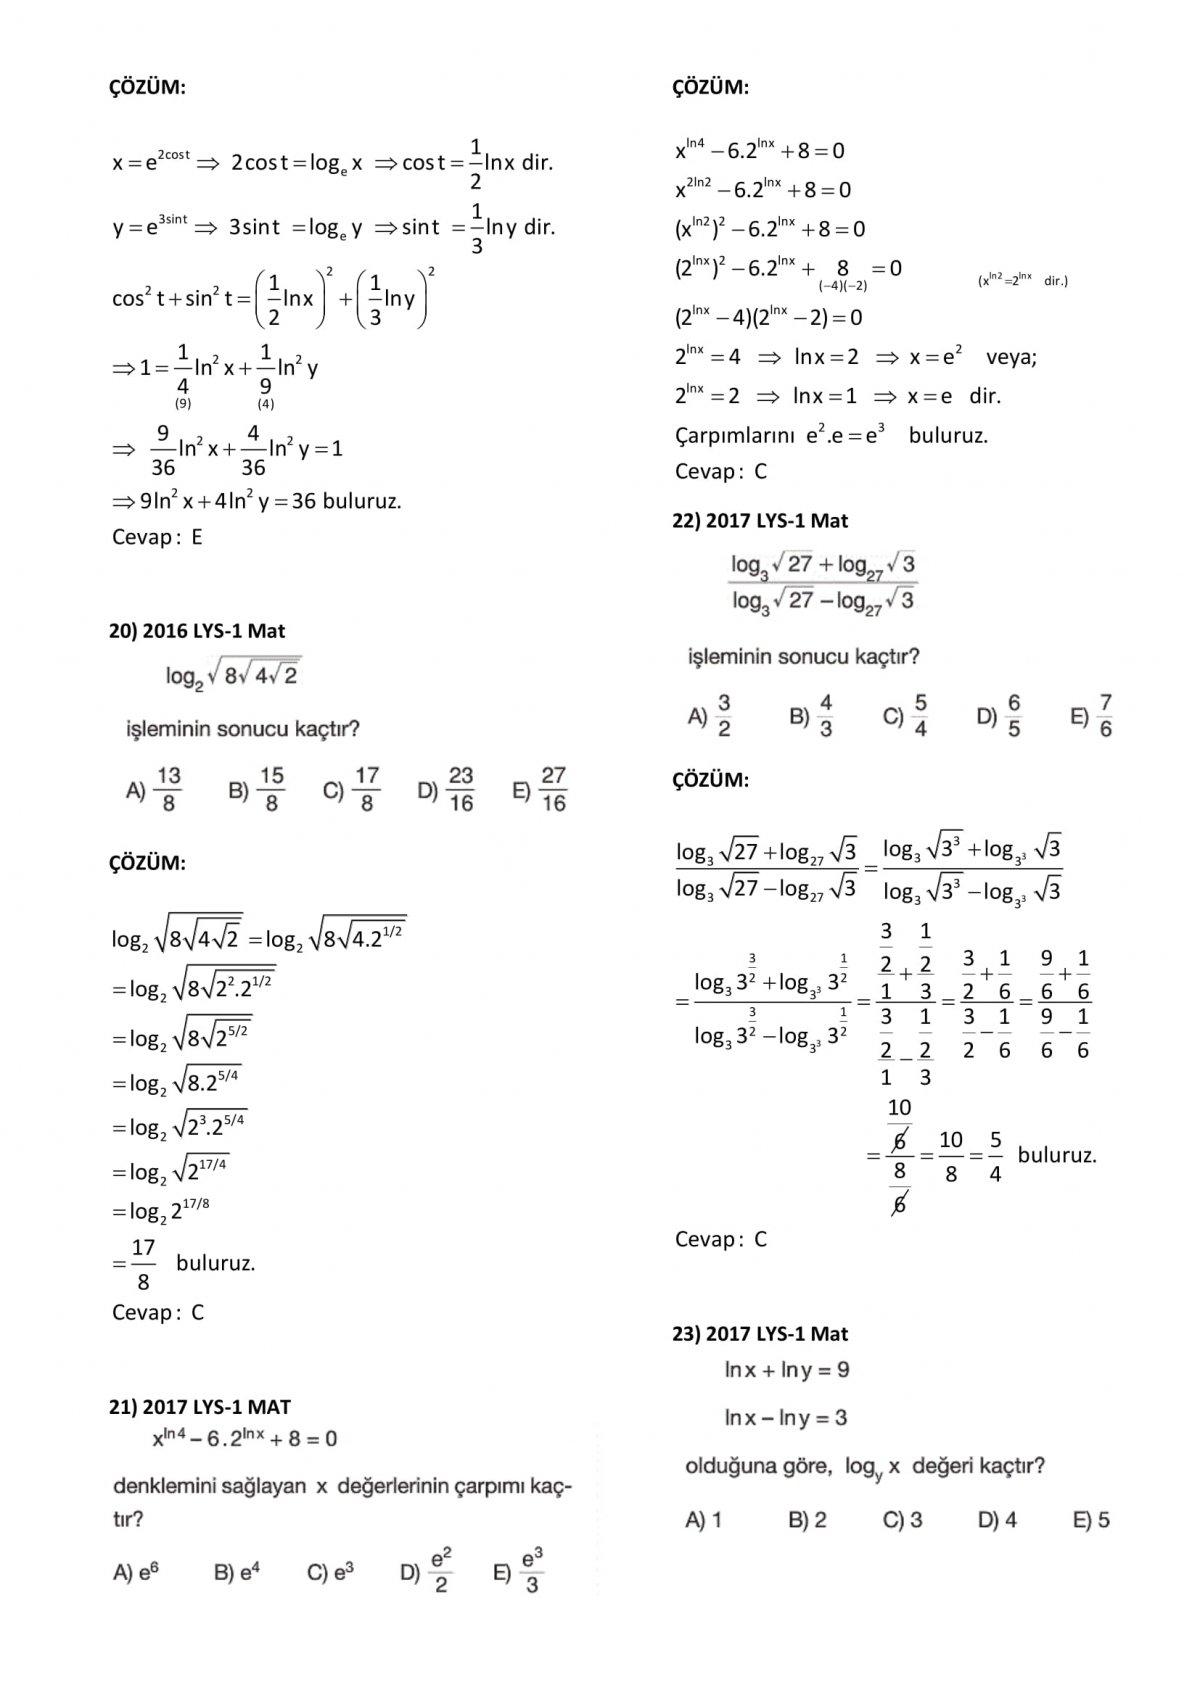 Logaritma-Çıkmış-Sorular-ve-Çözümleri-07.jpg